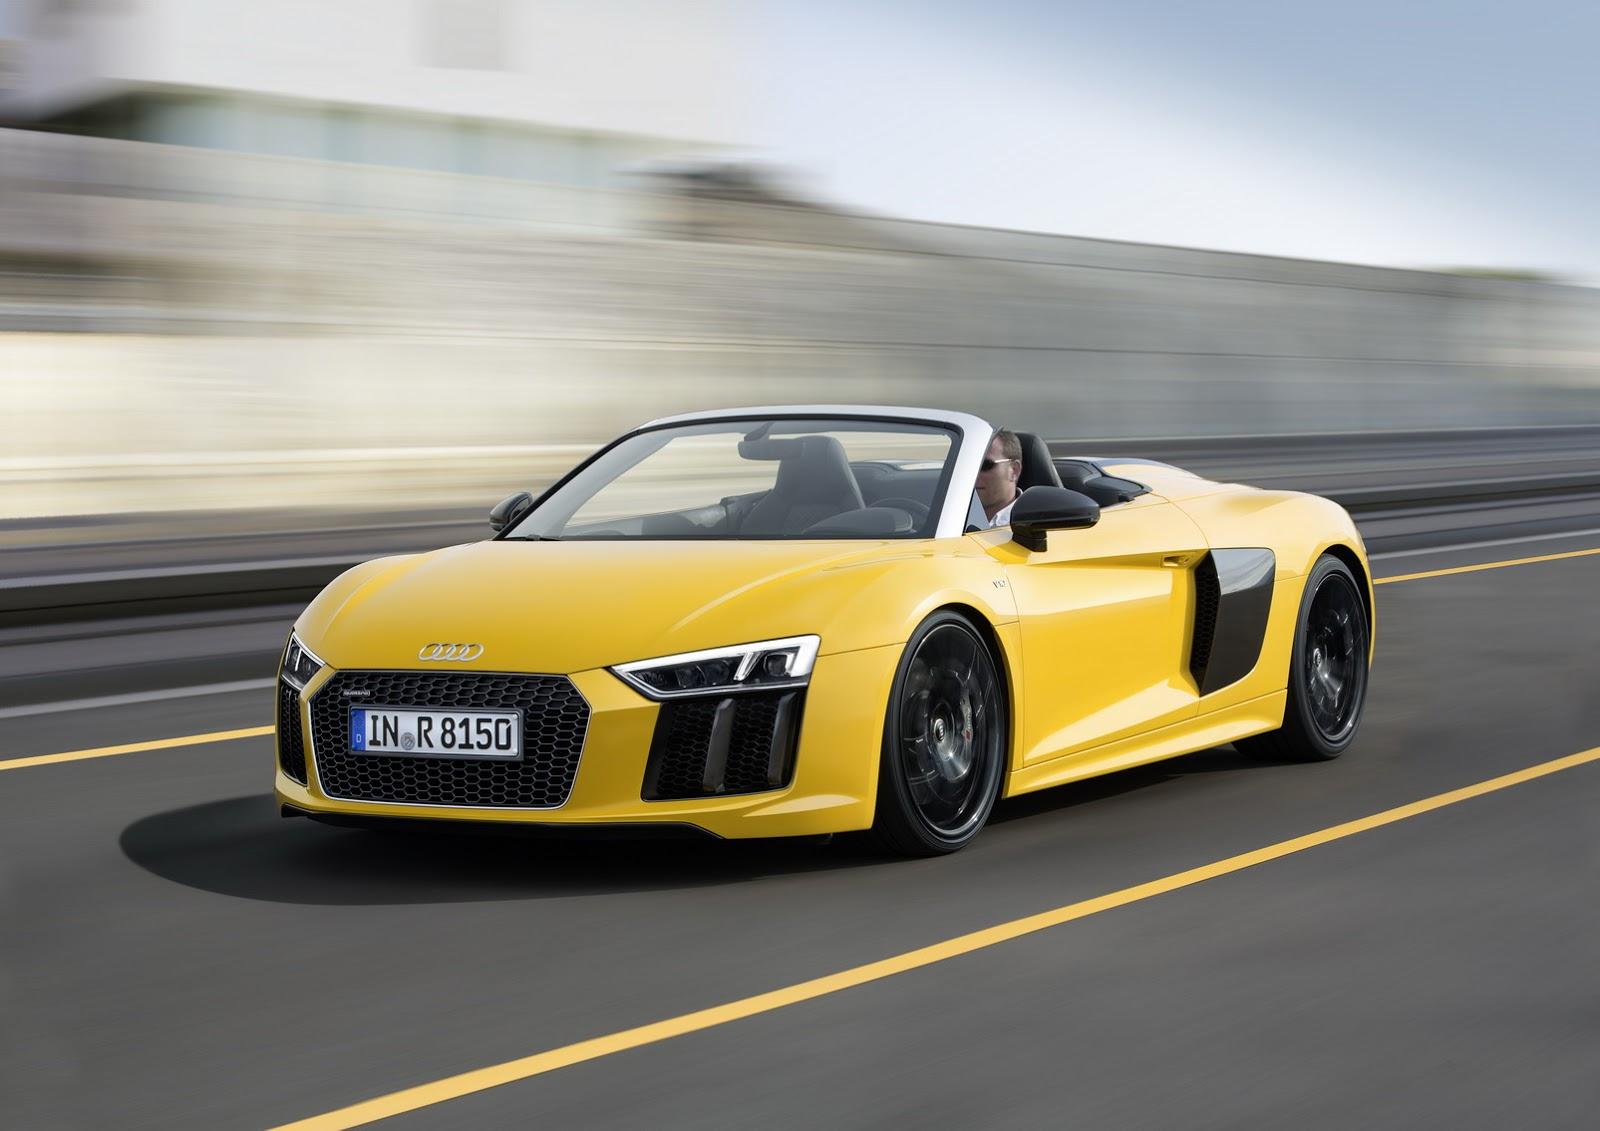 منتخبین بهترین خودروی سال2017 کدامند؟